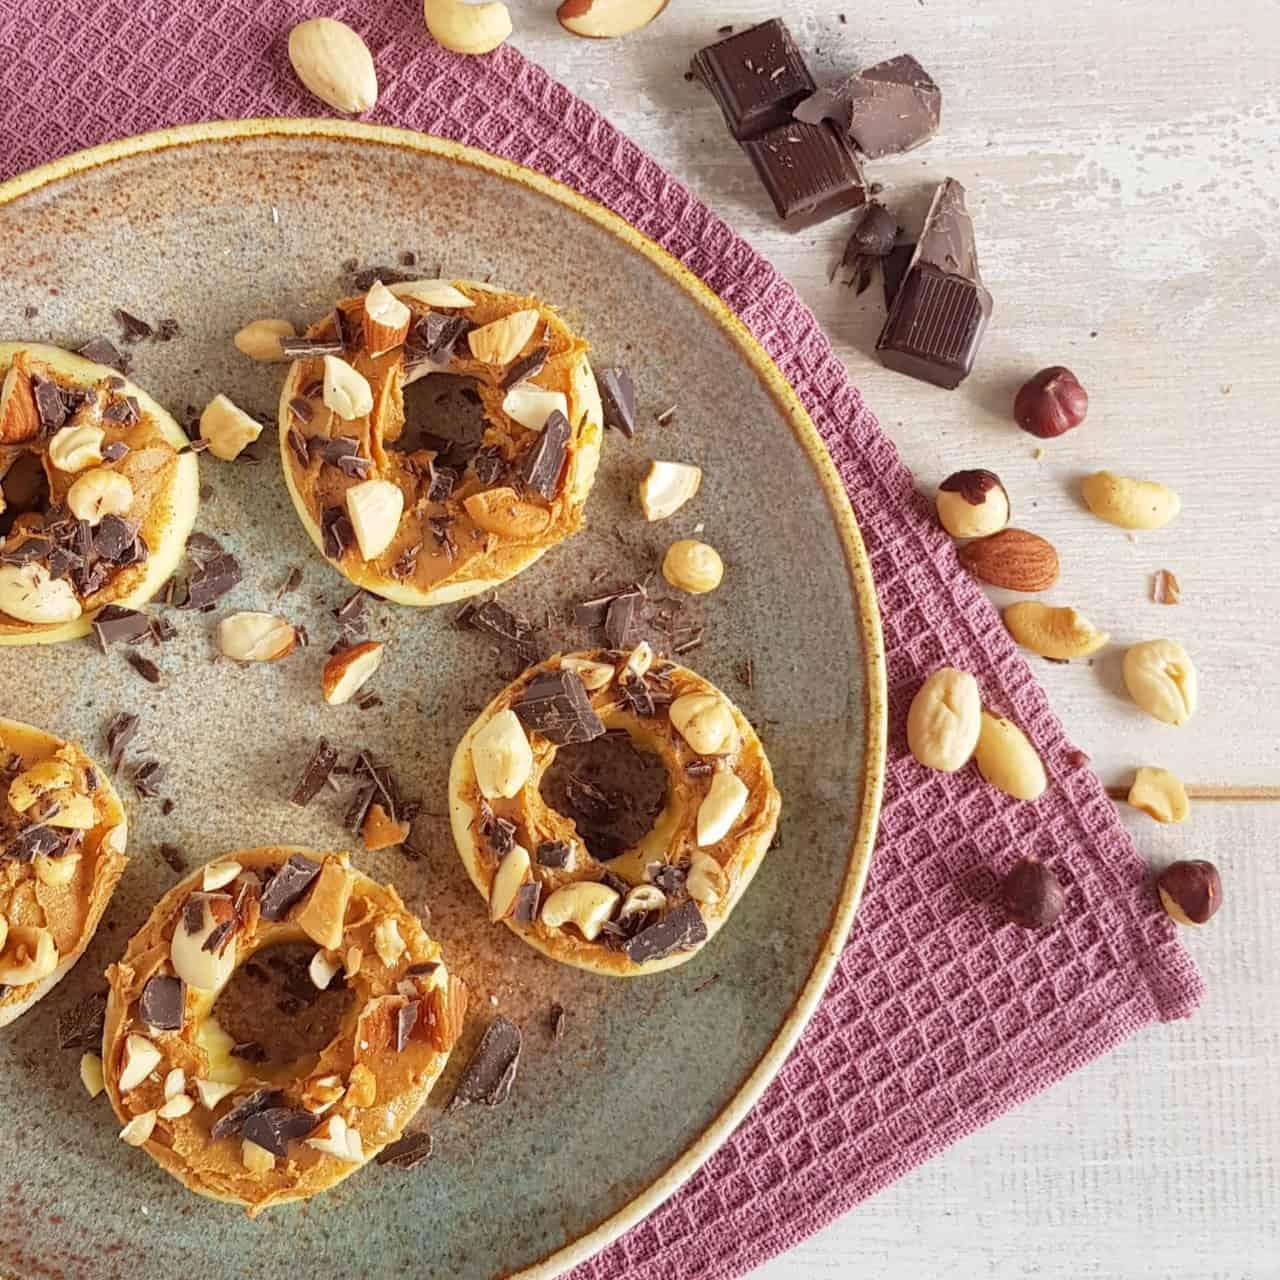 Appel met pindakaas, chocolade en noten